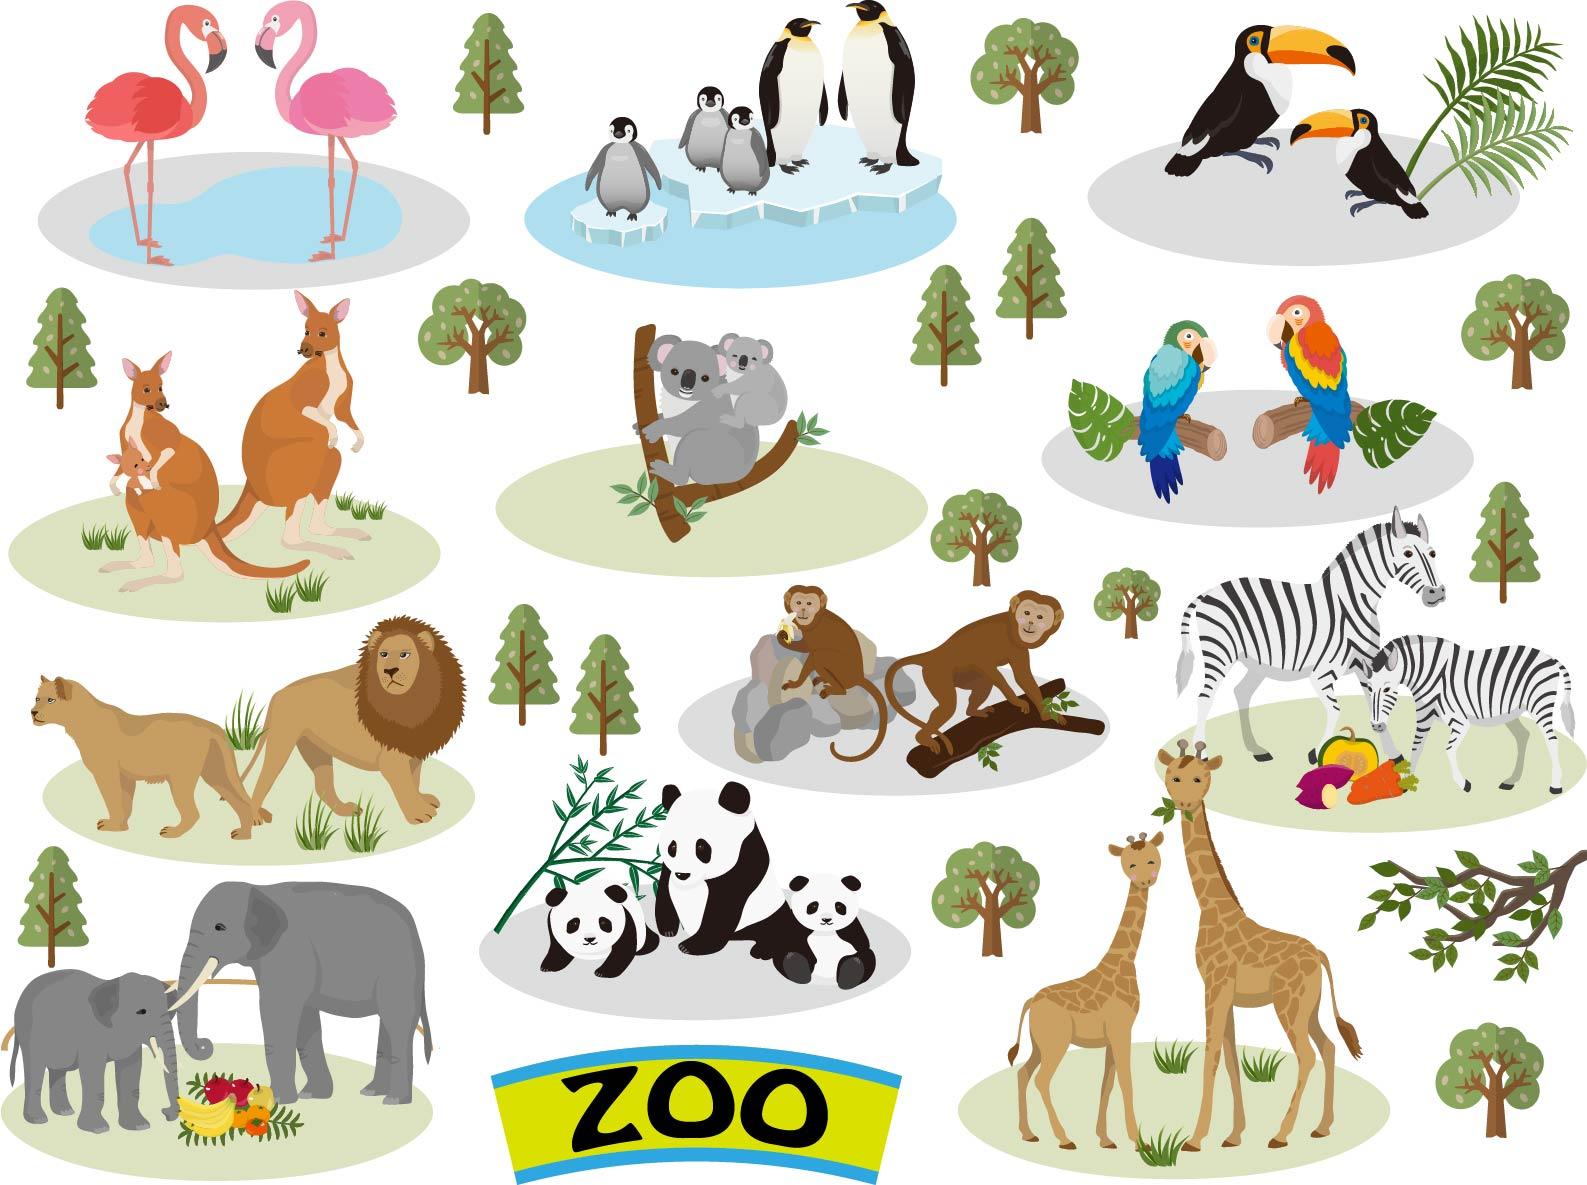 動物園のイメージ画像2